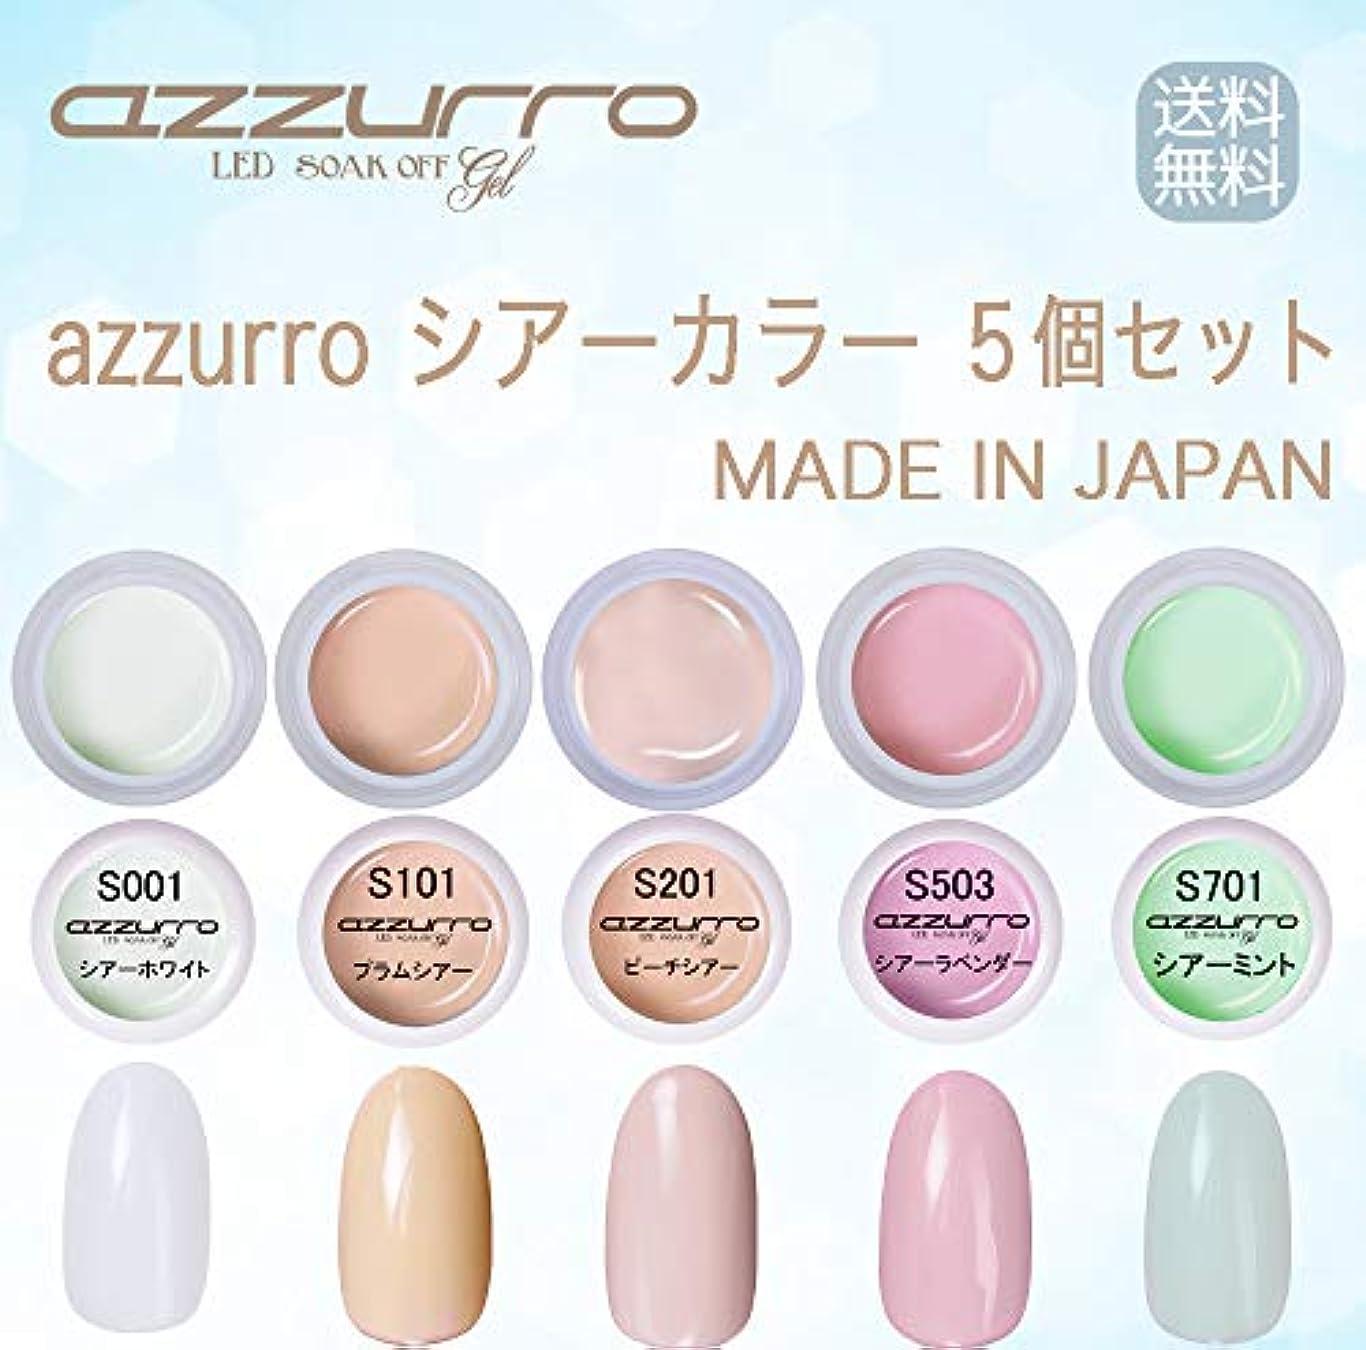 非互換演じる嘆く【送料無料】日本製 azzurro gel シアー カラージェル5個セット グラデーションにもピッタリなカラー